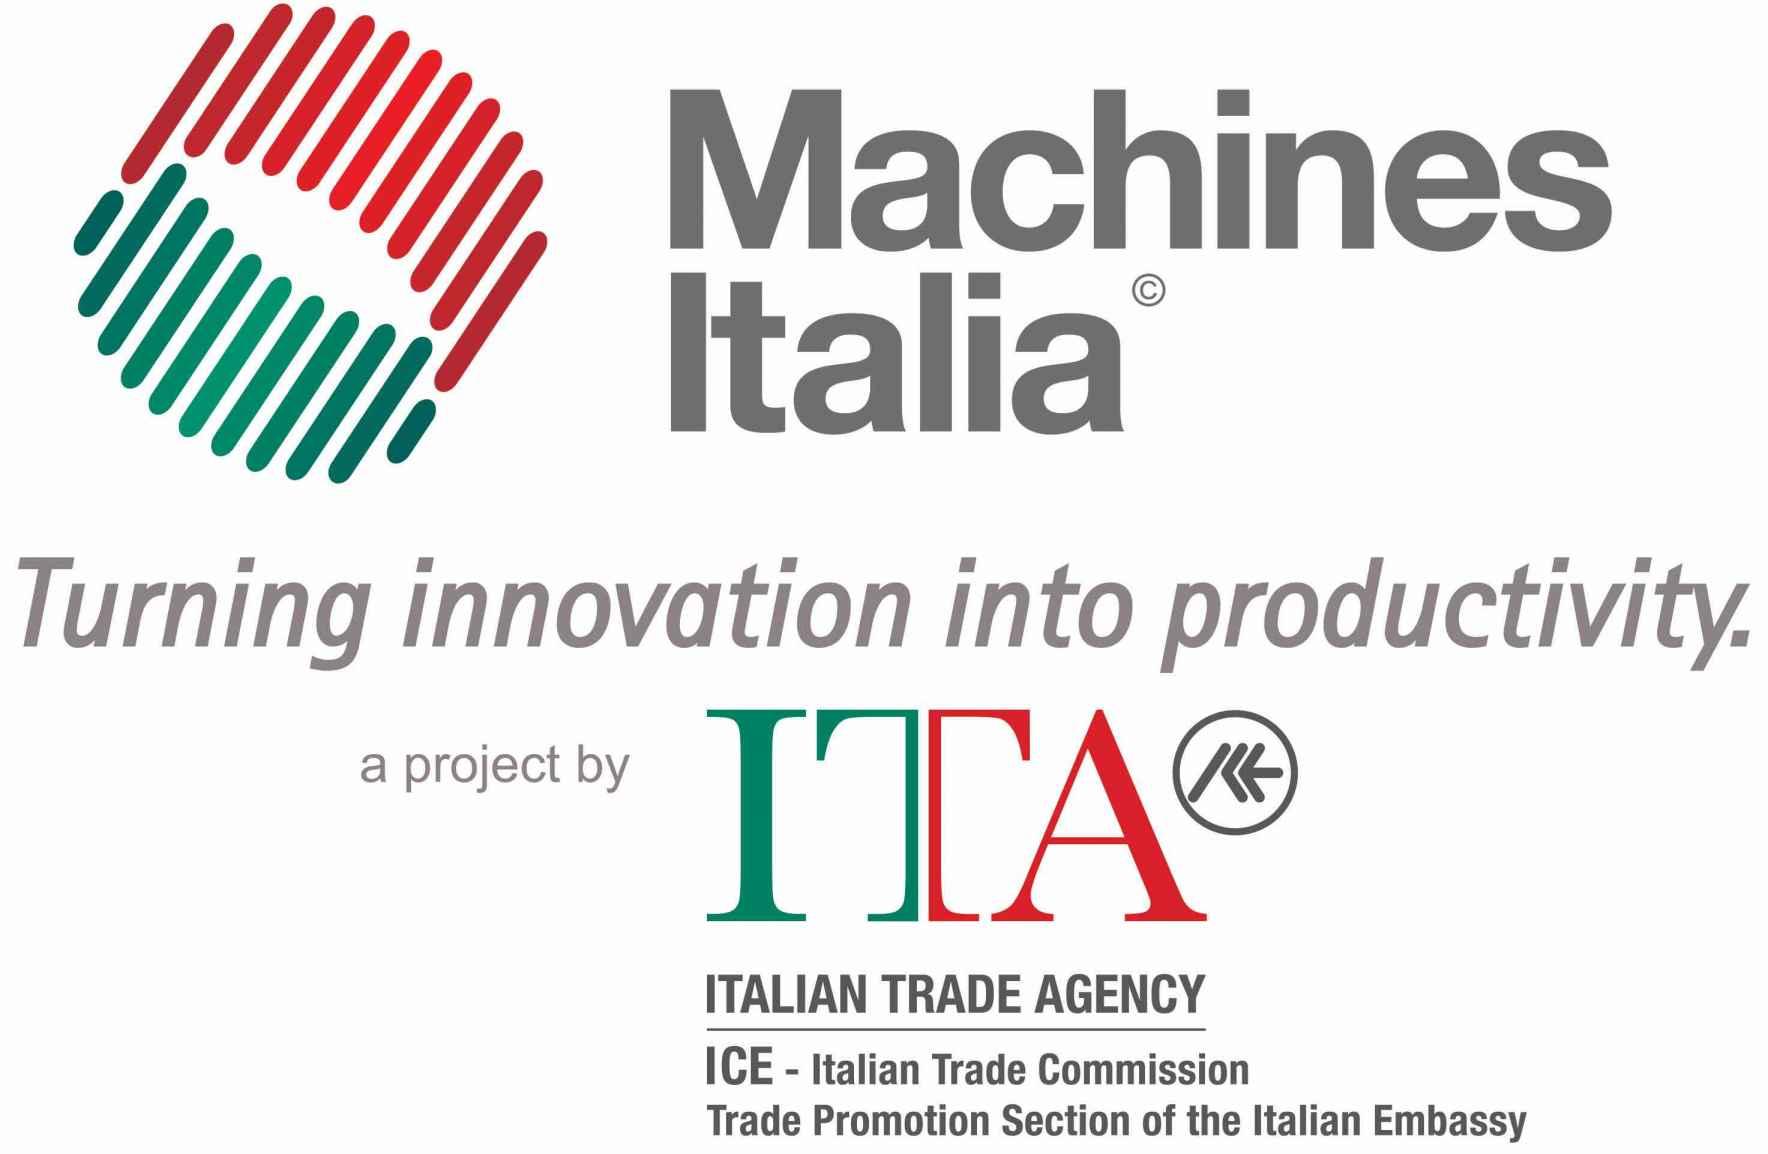 Machines Italia c/o Italian Trade Agency Logo